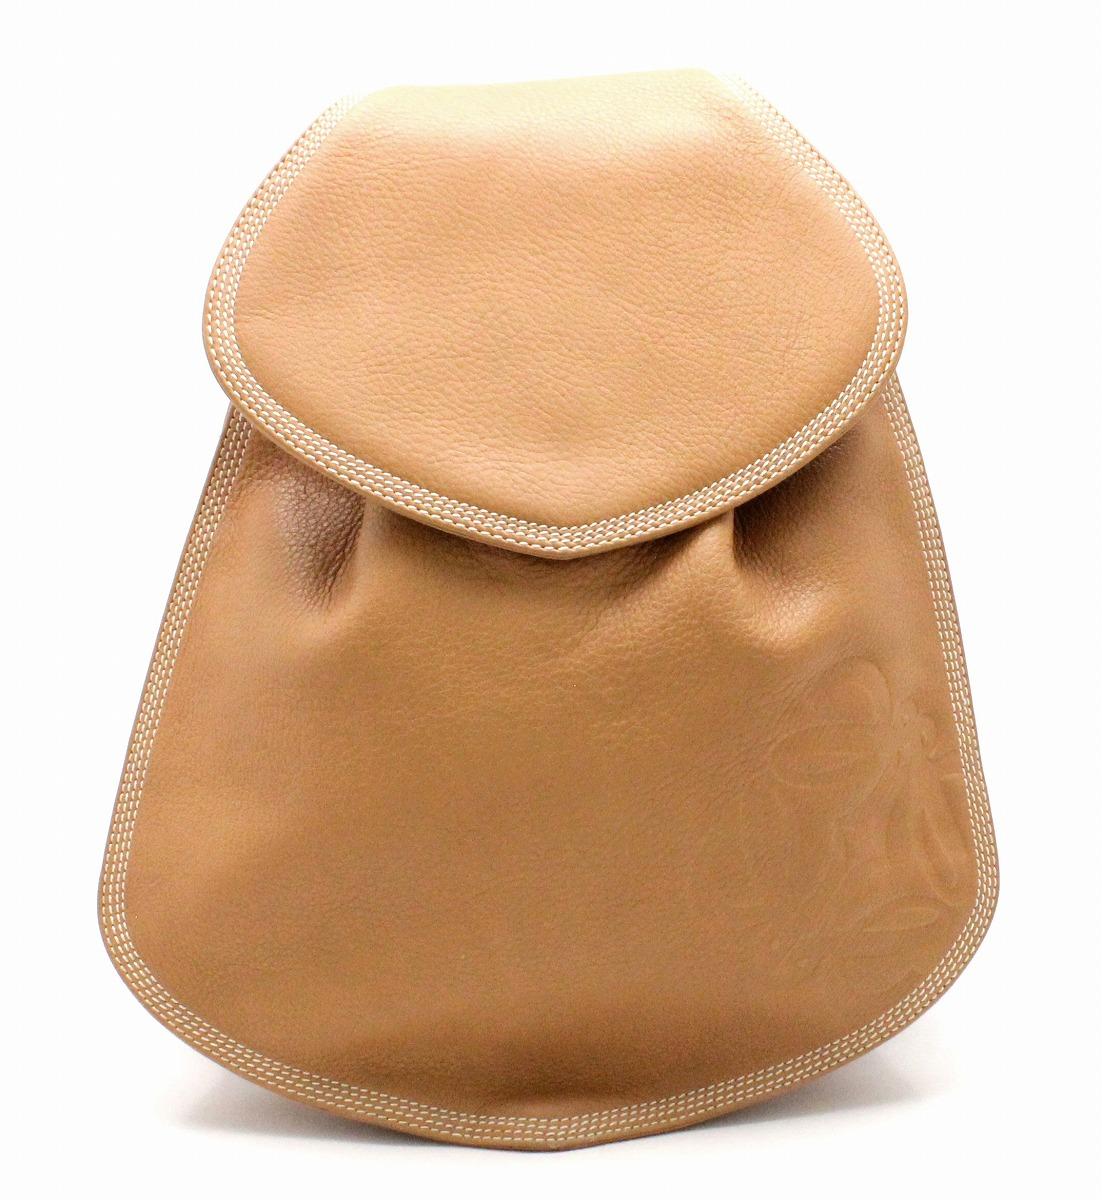 【バッグ】LOEWE ロエベ リュックサック バックパック レザー キャメル ブラウン 茶 ゴールド金具 【中古】【k】